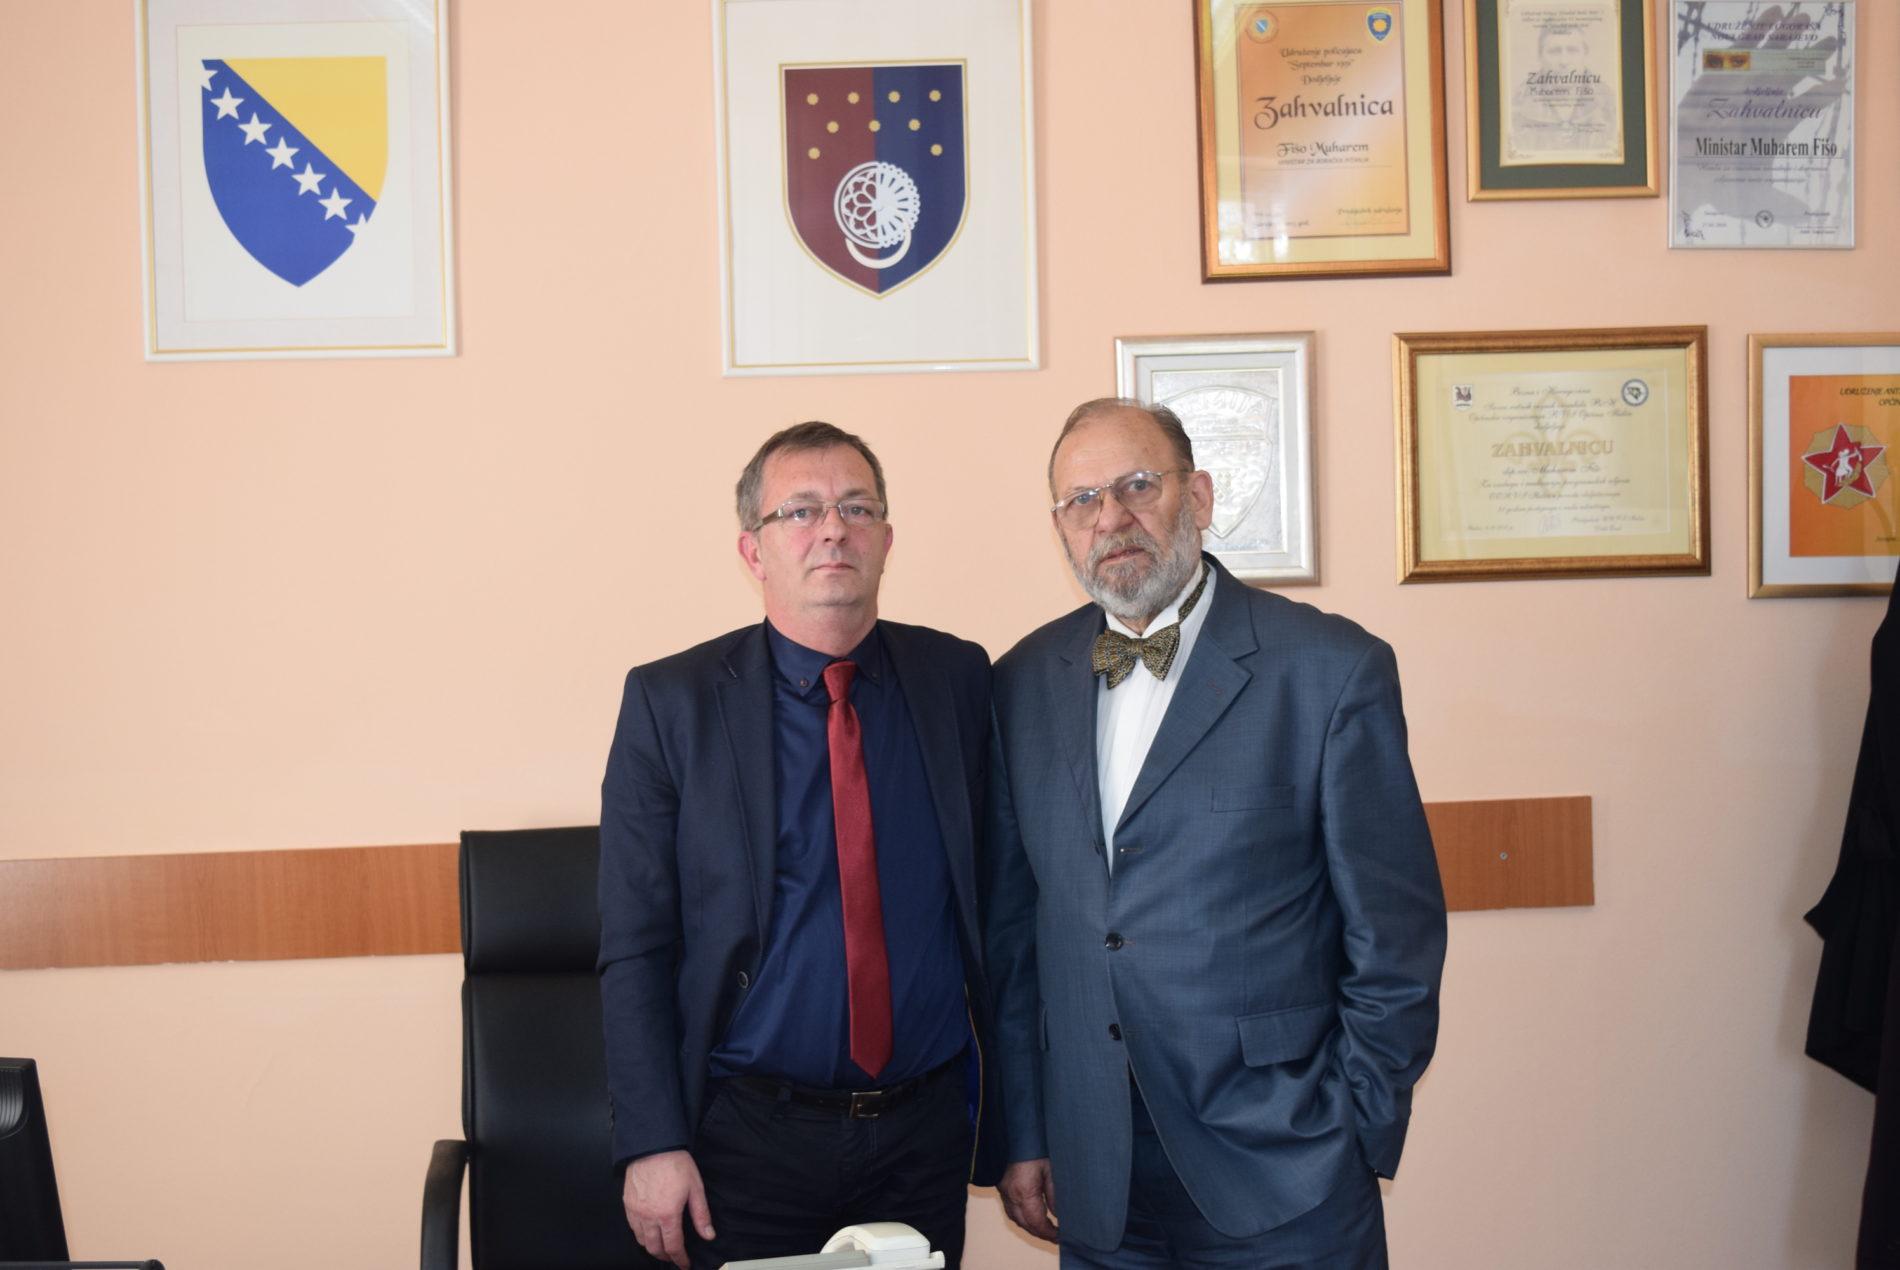 Stjepan Kljujić: Pravi borci nisu adekvatno nagrađeni